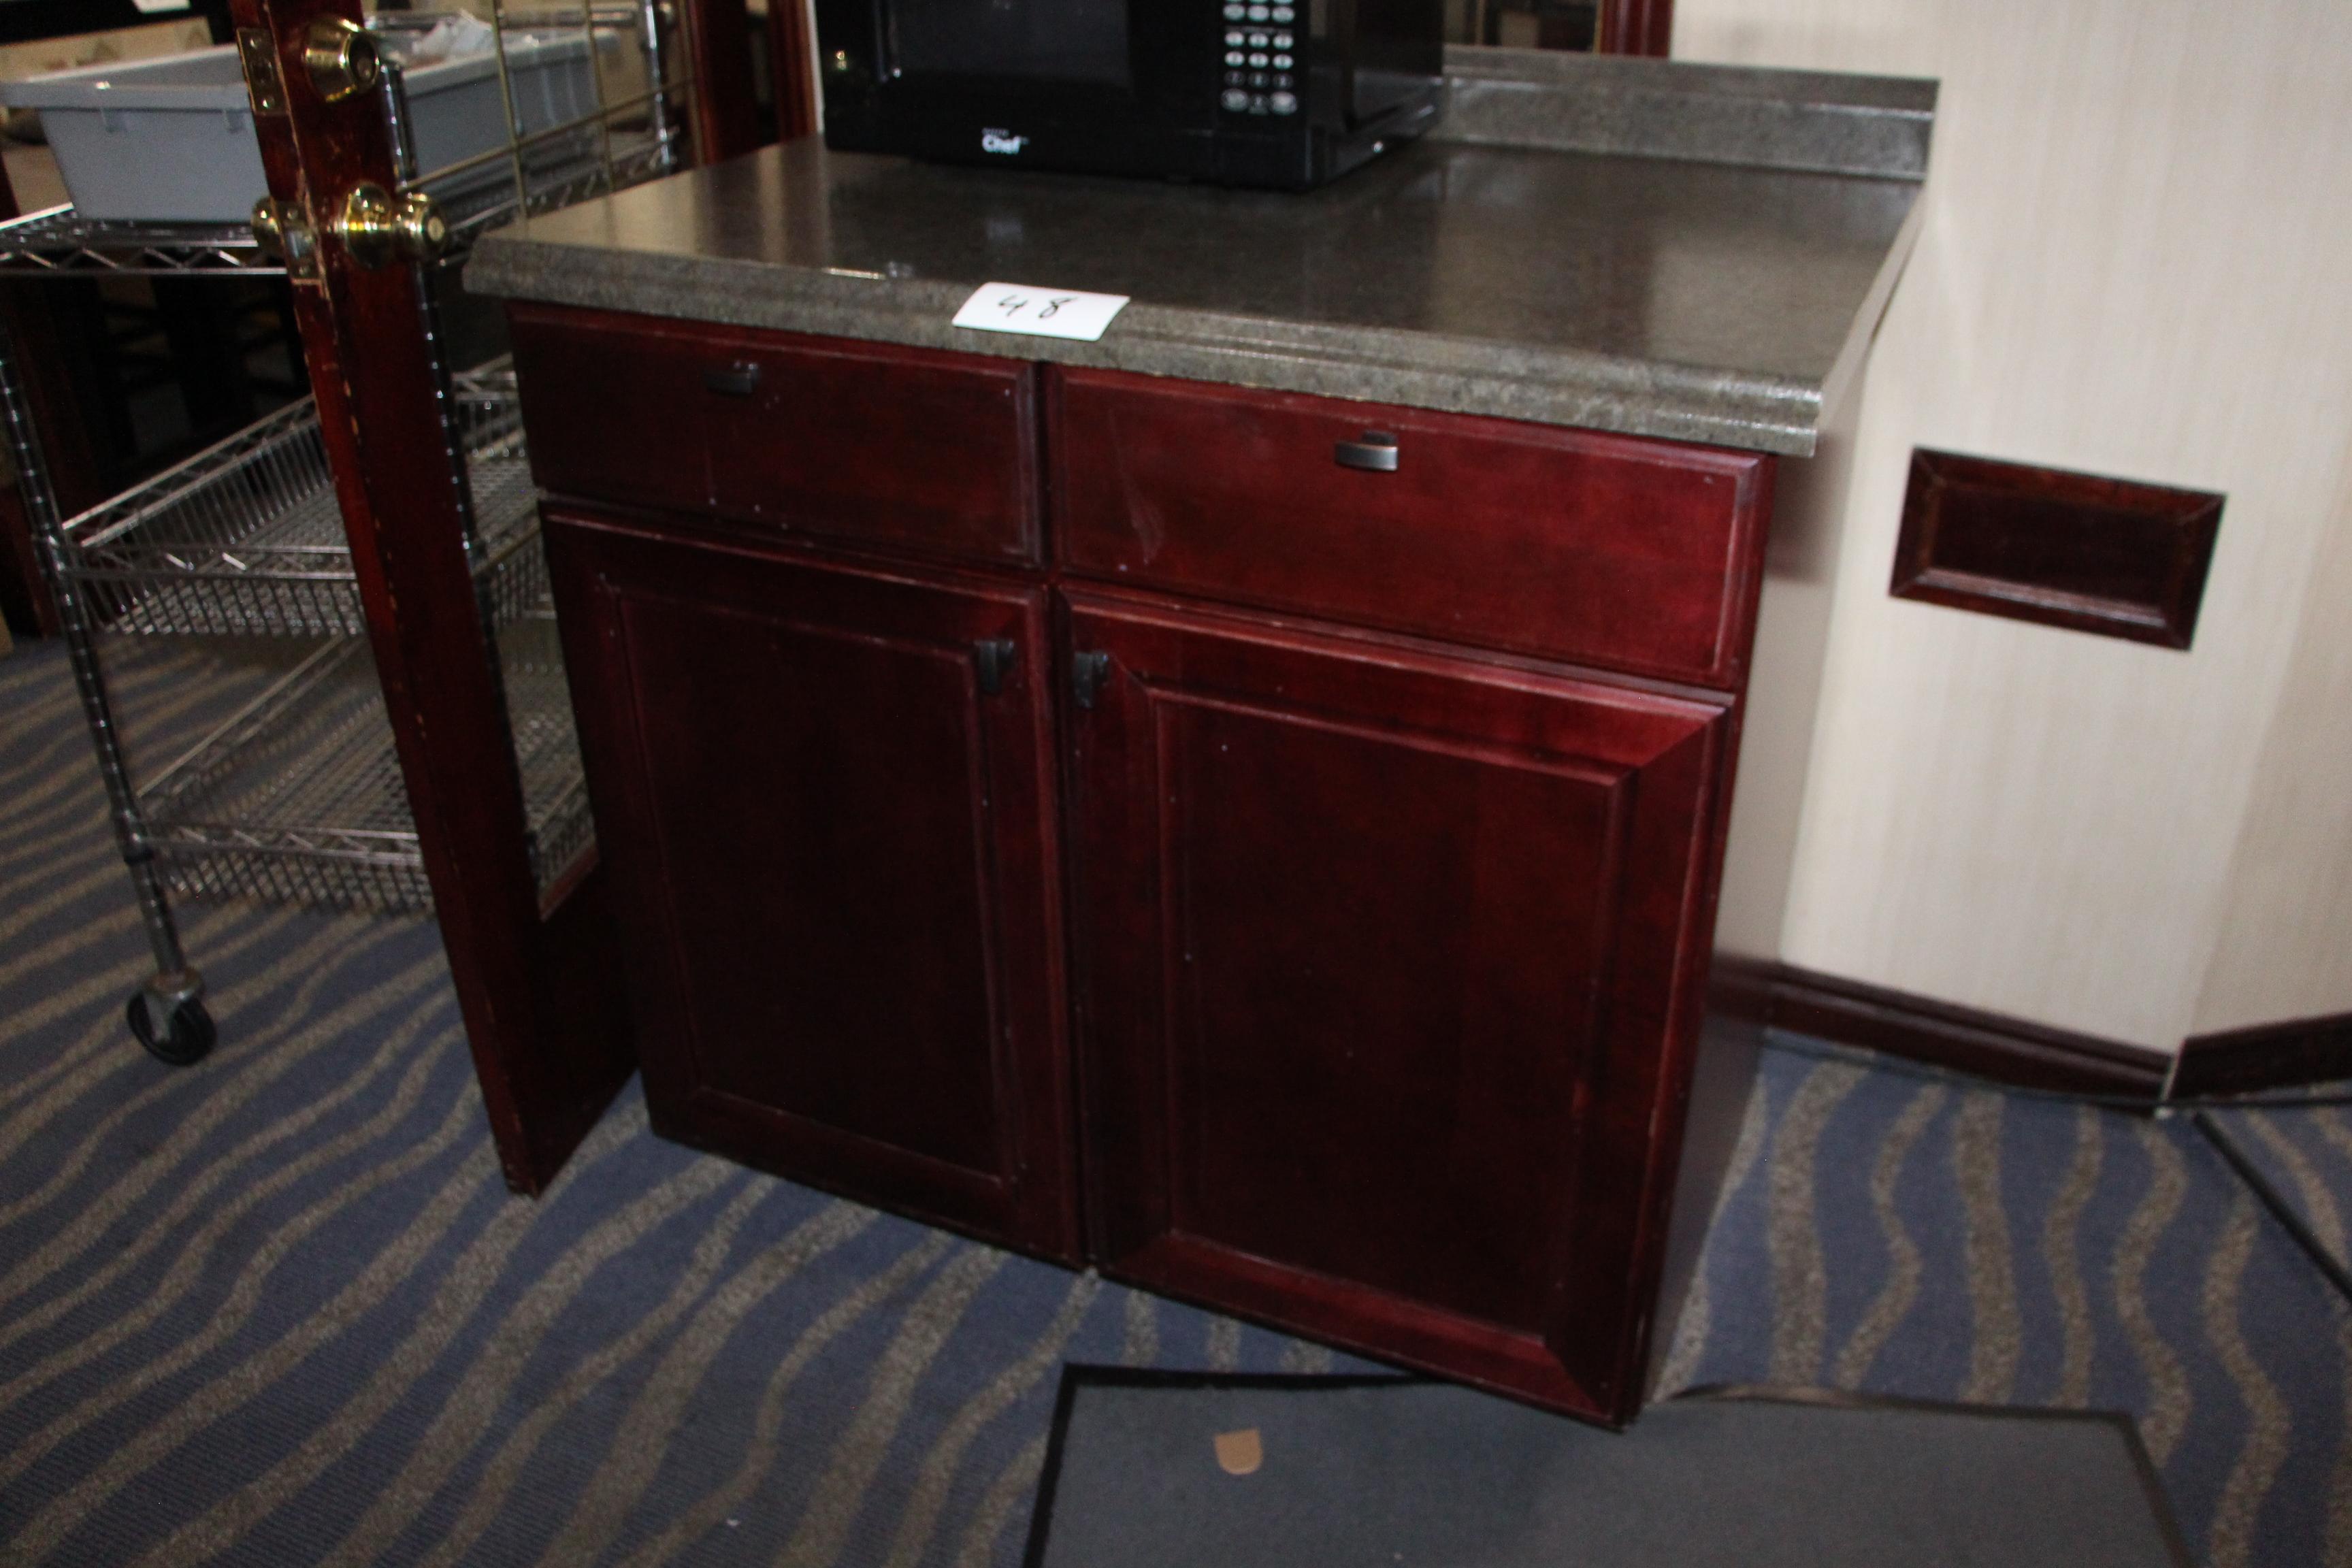 Lot 48 - Wooden 2 door 2 drawer cabinet w/ laminate countertop